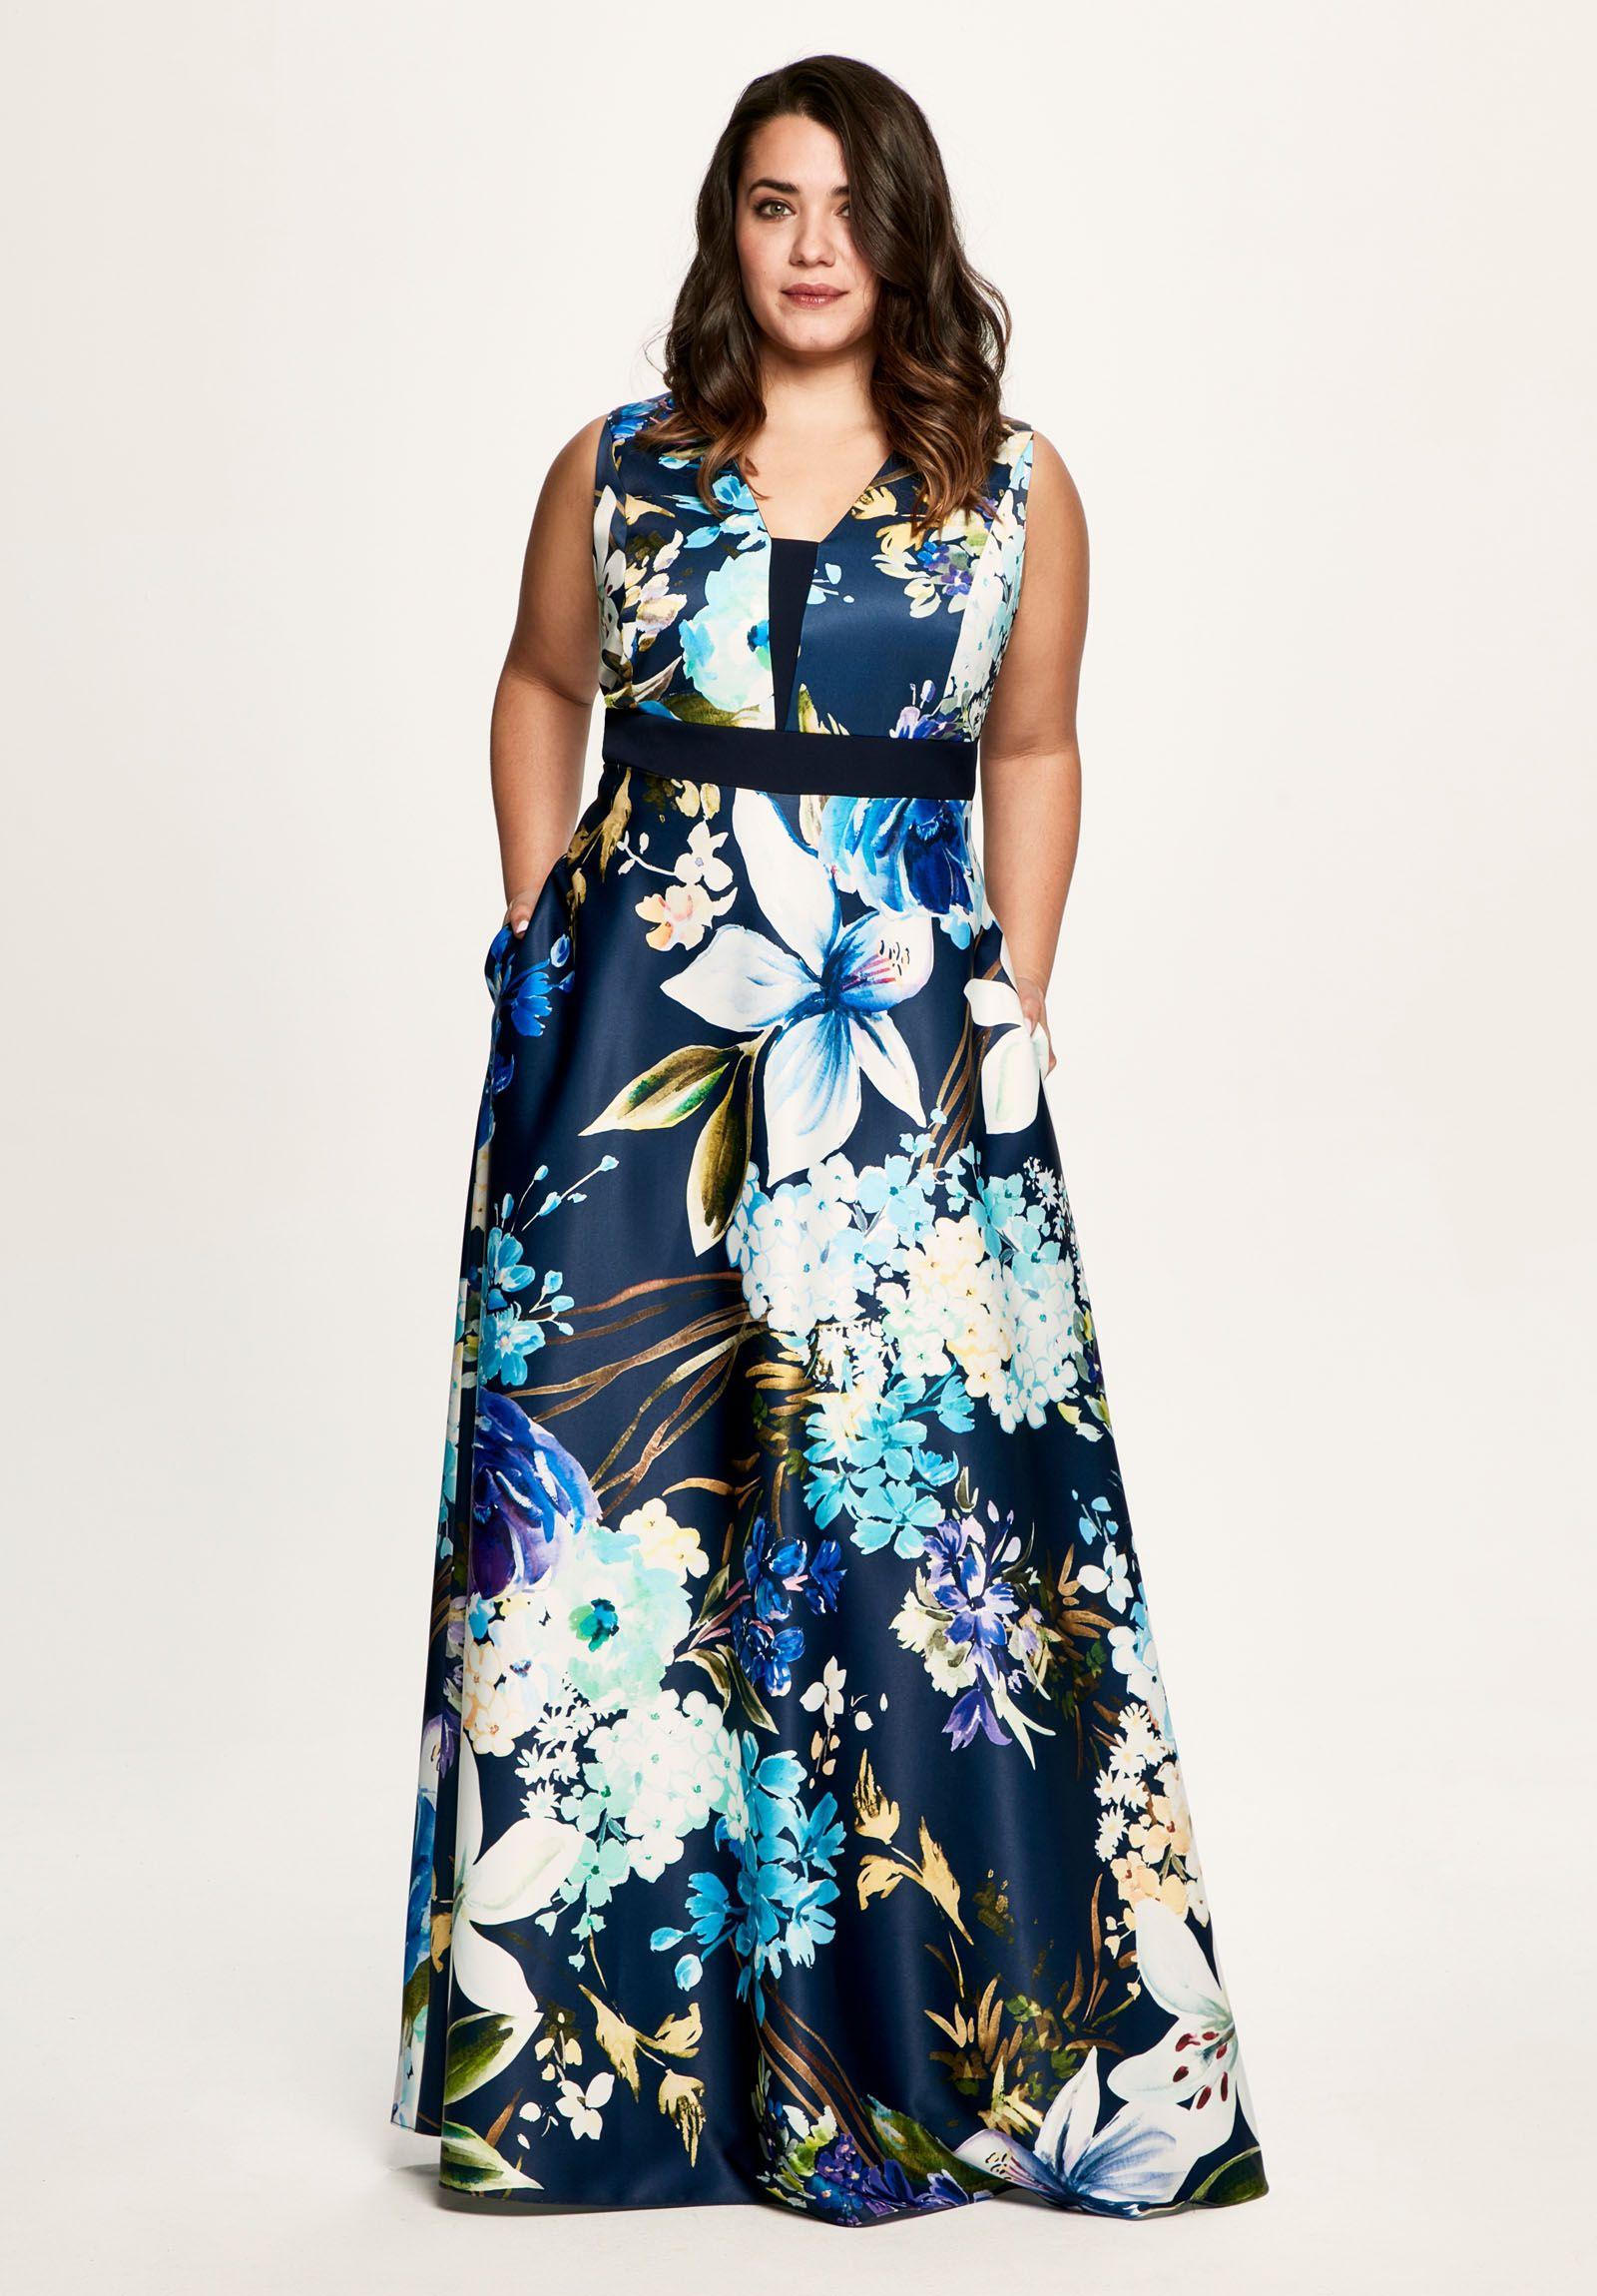 Vestidos Estampados Para Invitadas A Bodas En Tallas Grandes Vestidos Vestidos Para Senoras Gorditas Vestido Para Gorditas